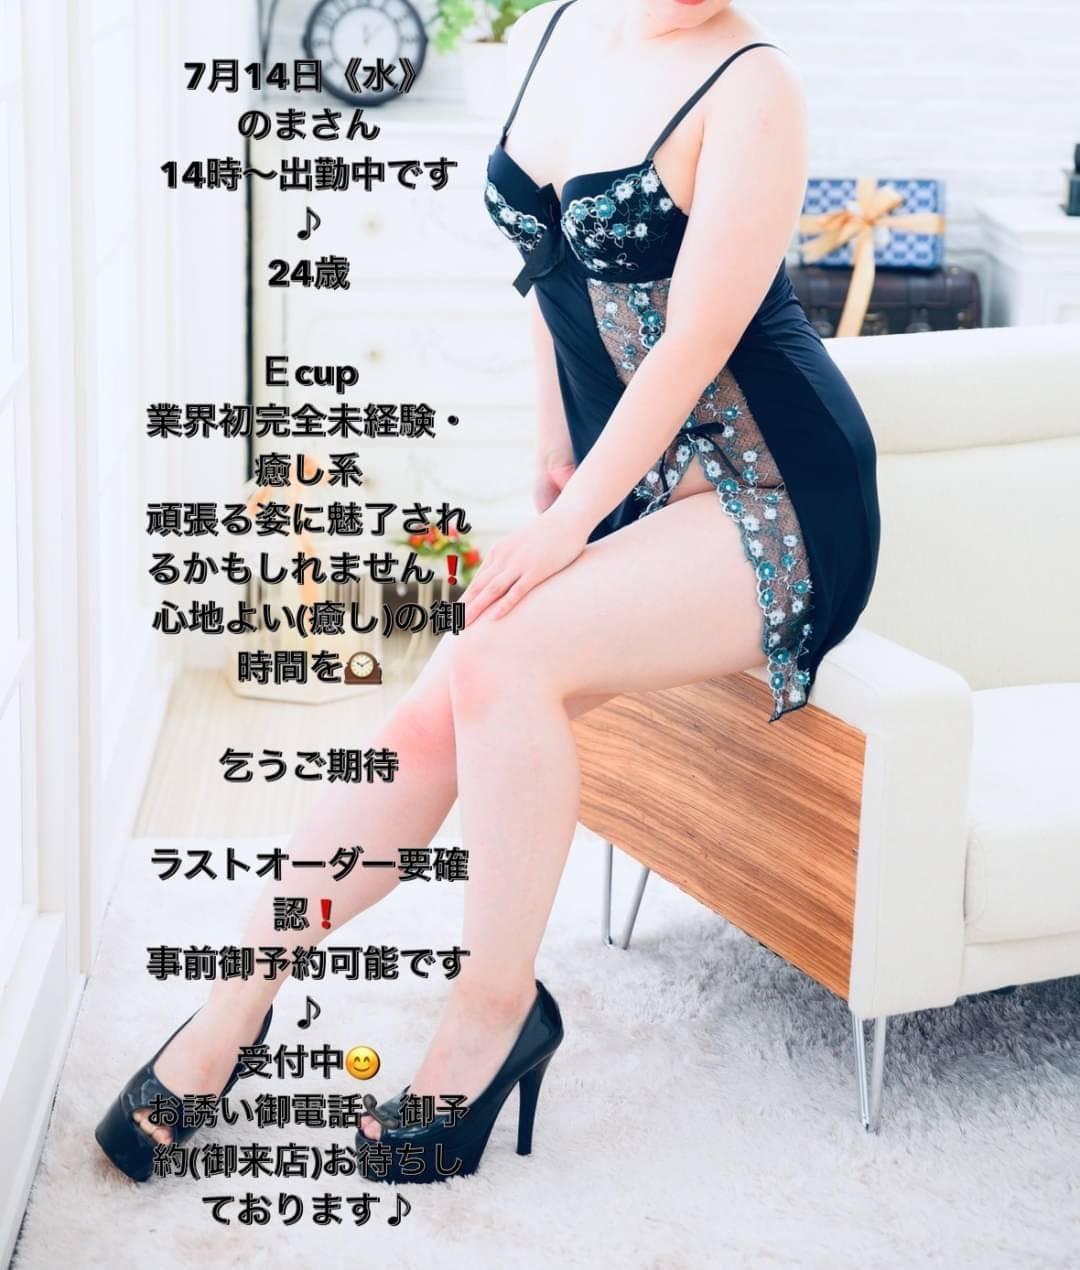 「本日」07/14(水) 13:54 | PERUSIKOSU店長の写メ日記